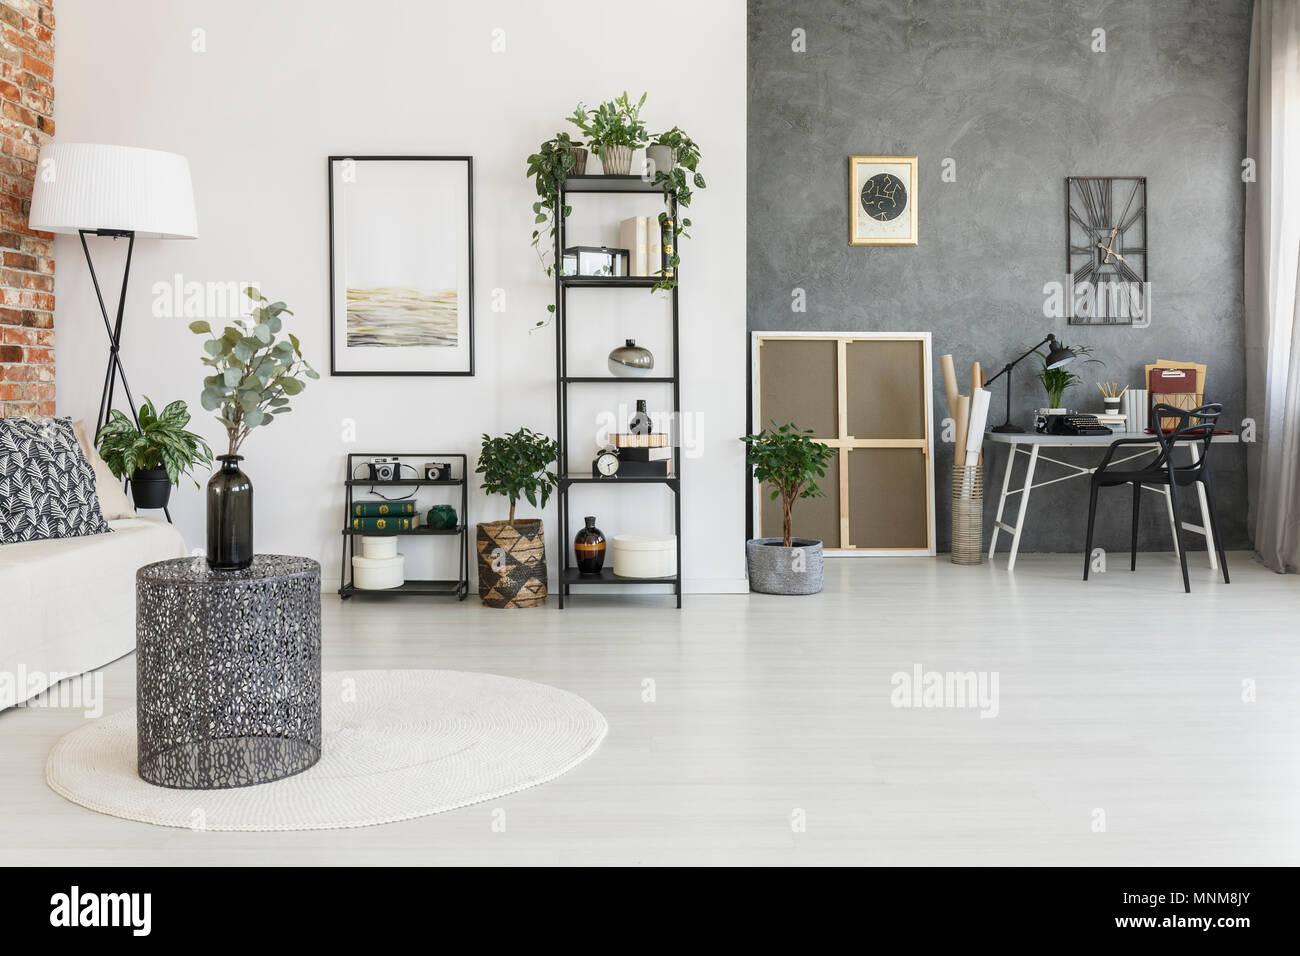 Vaso sul tavolo in metallo in open space soggiorno con area di lavoro, di piante e di contrasto dei colori pareti Immagini Stock